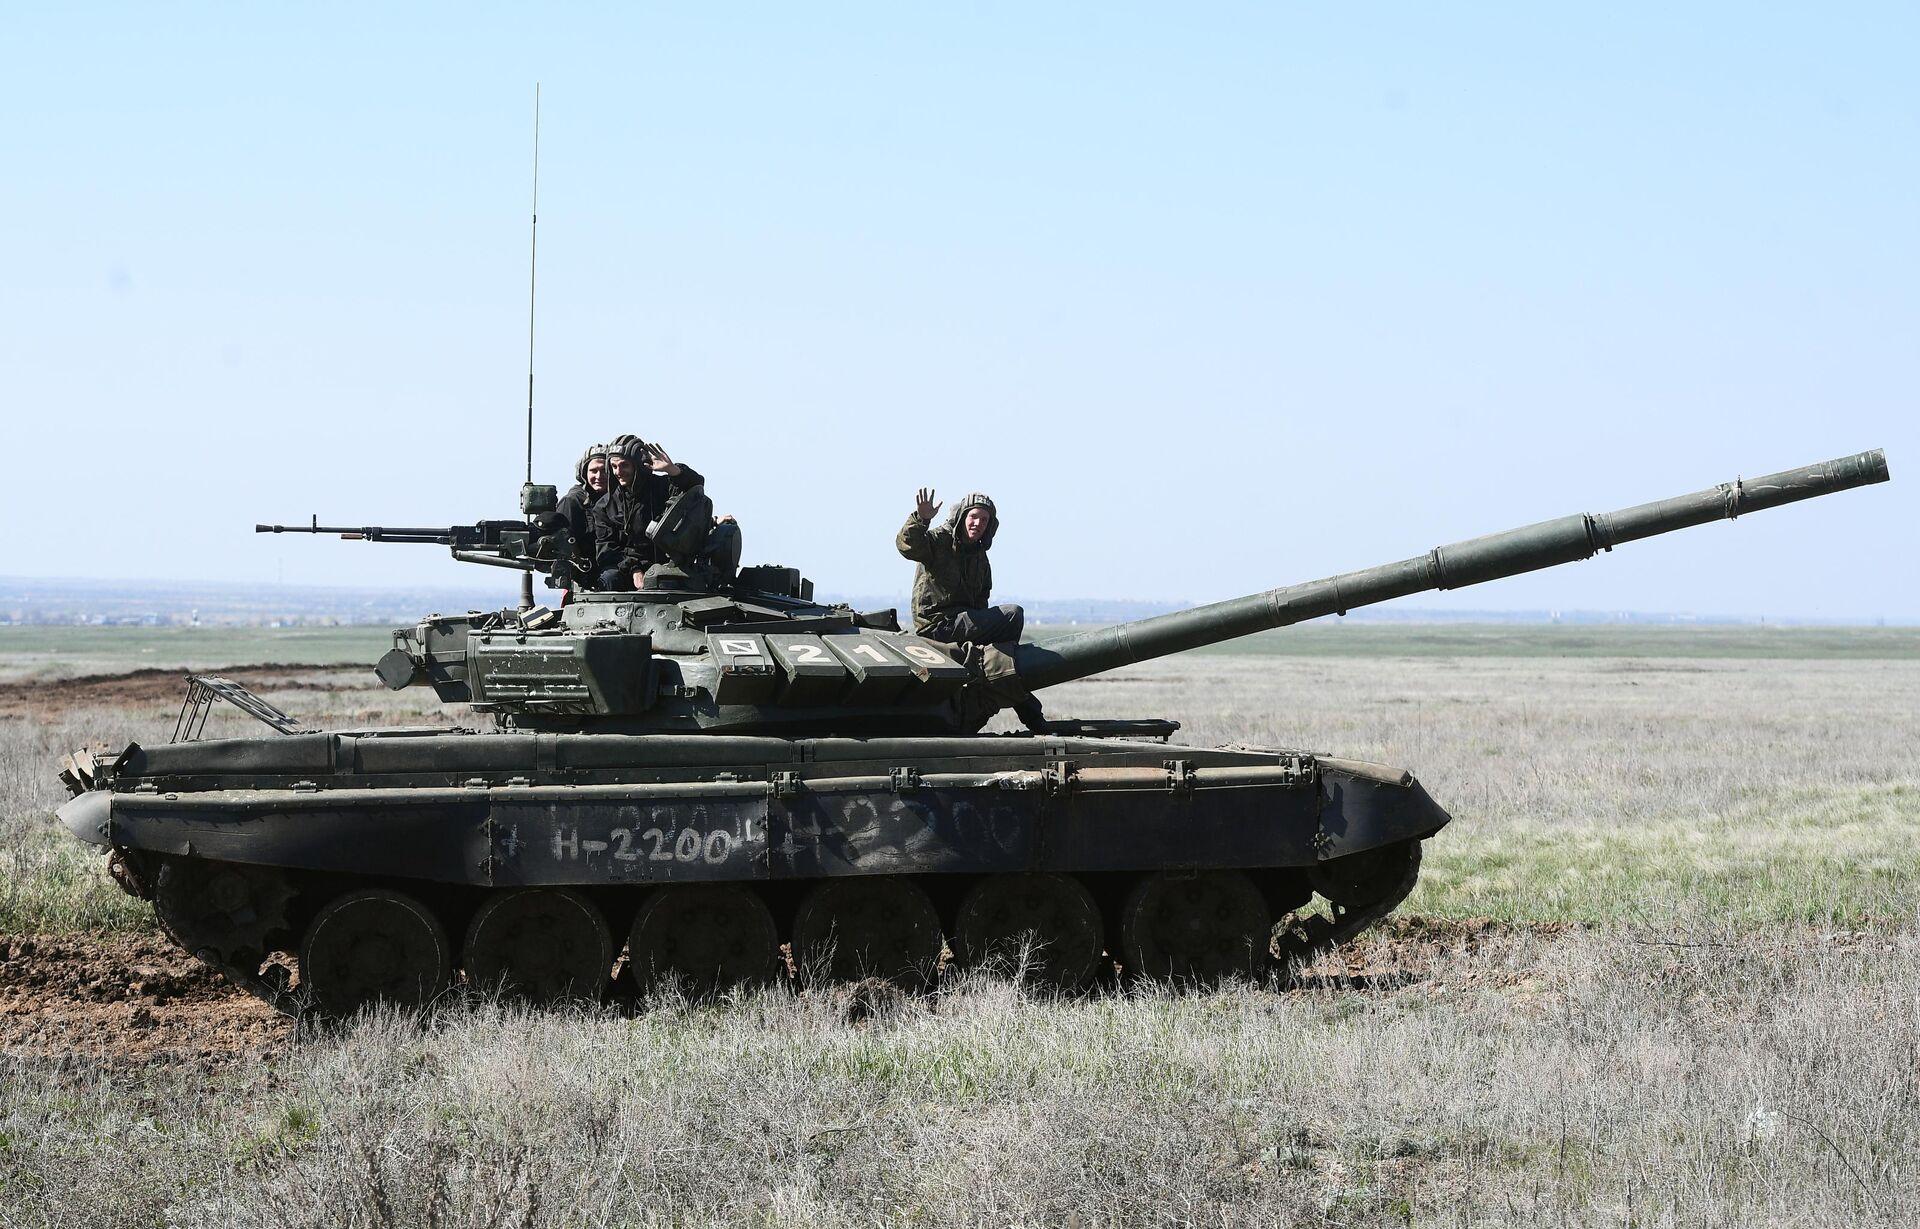 Экипаж танка Т-90 во время учений 8 общевойсковой армии в Волгоградской области - РИА Новости, 1920, 09.09.2021